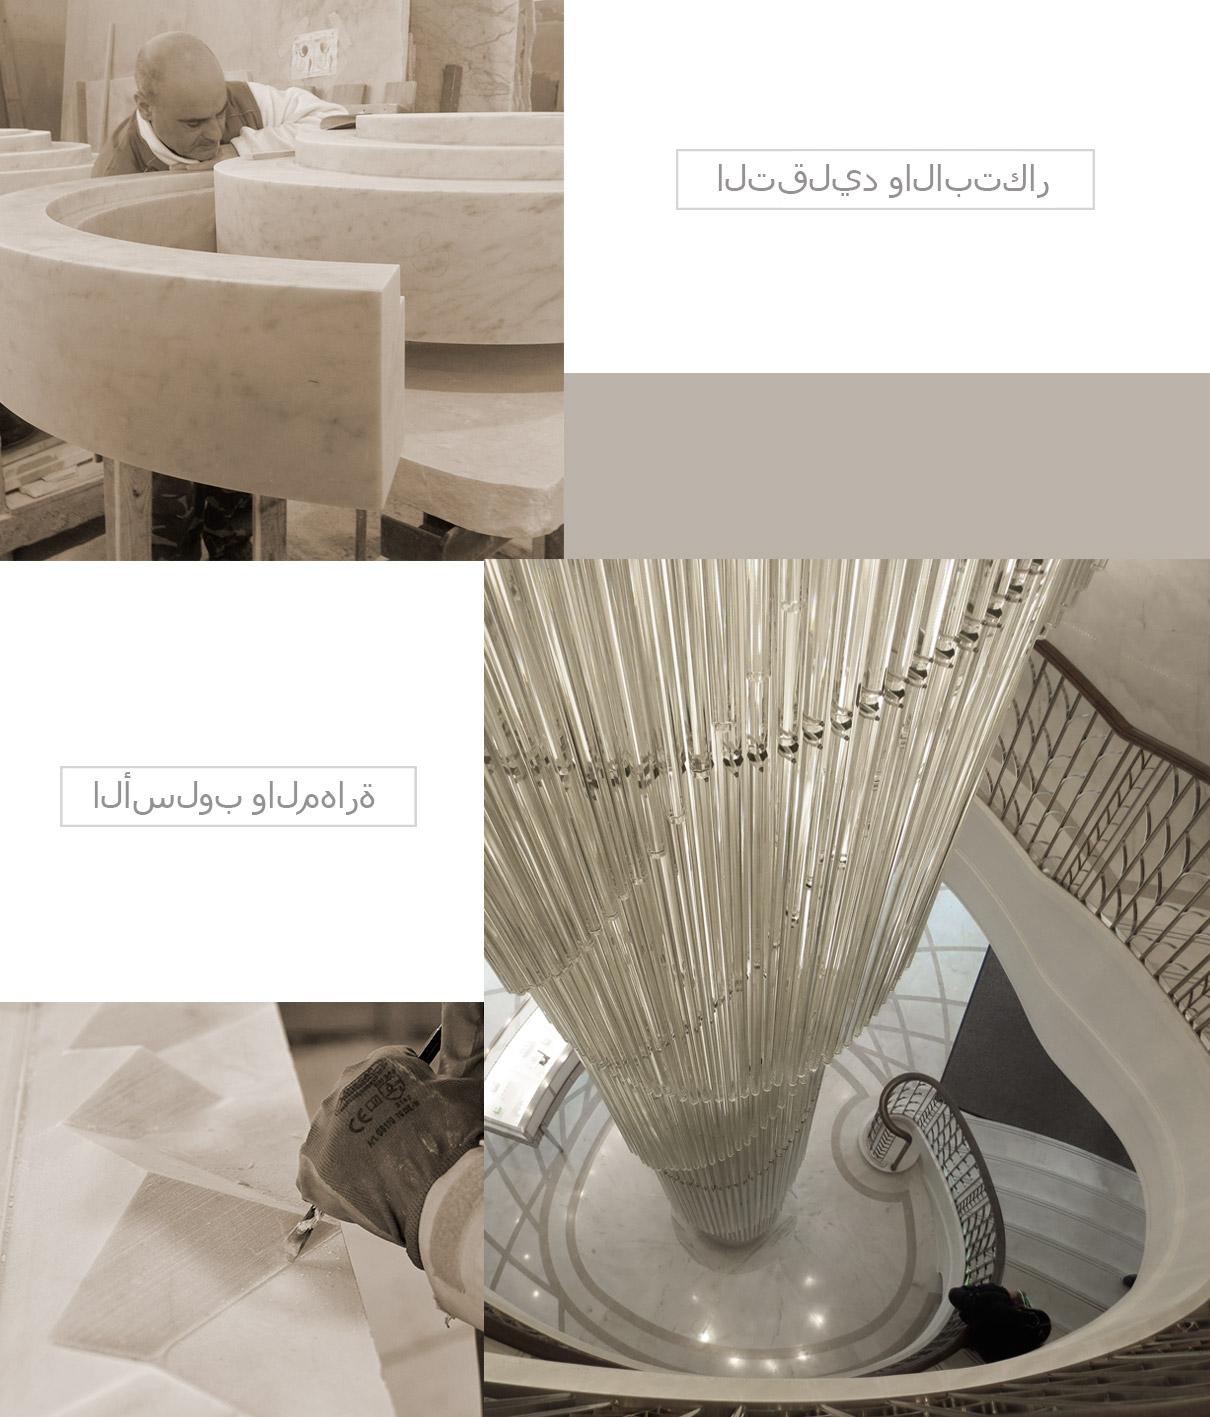 tradizione-e-innovazione-arab